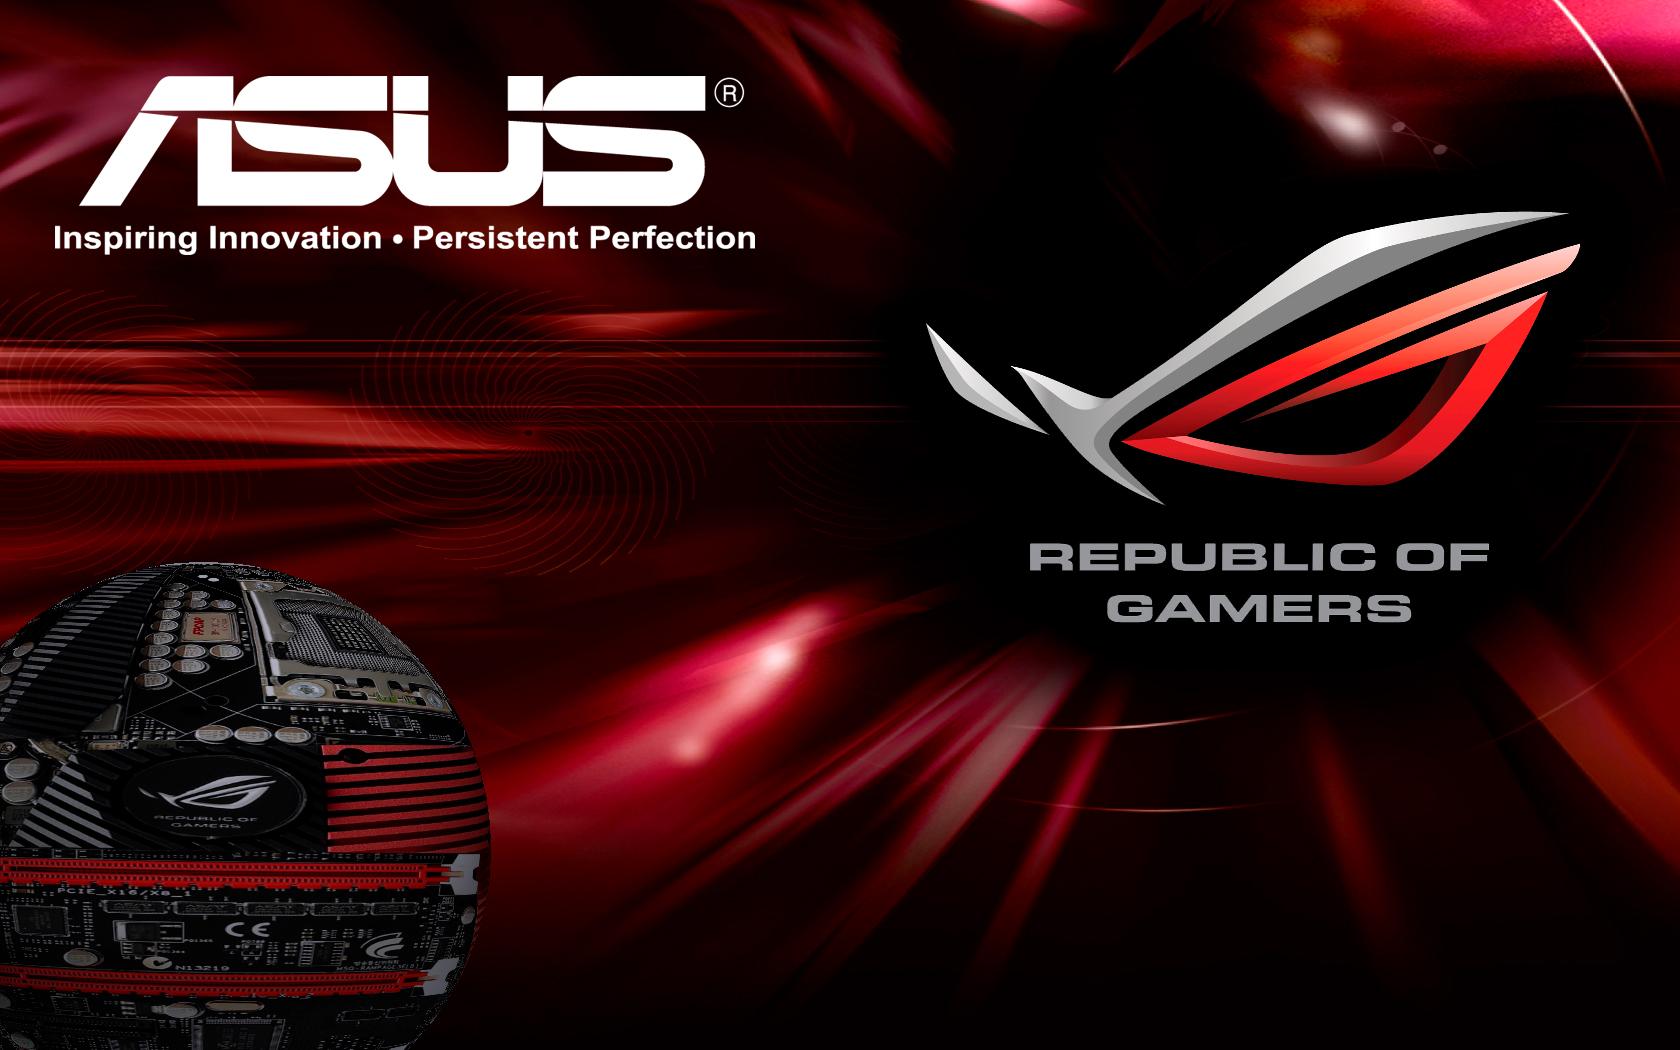 Asus republic of gamer wallpaper   ForWallpapercom 1680x1050